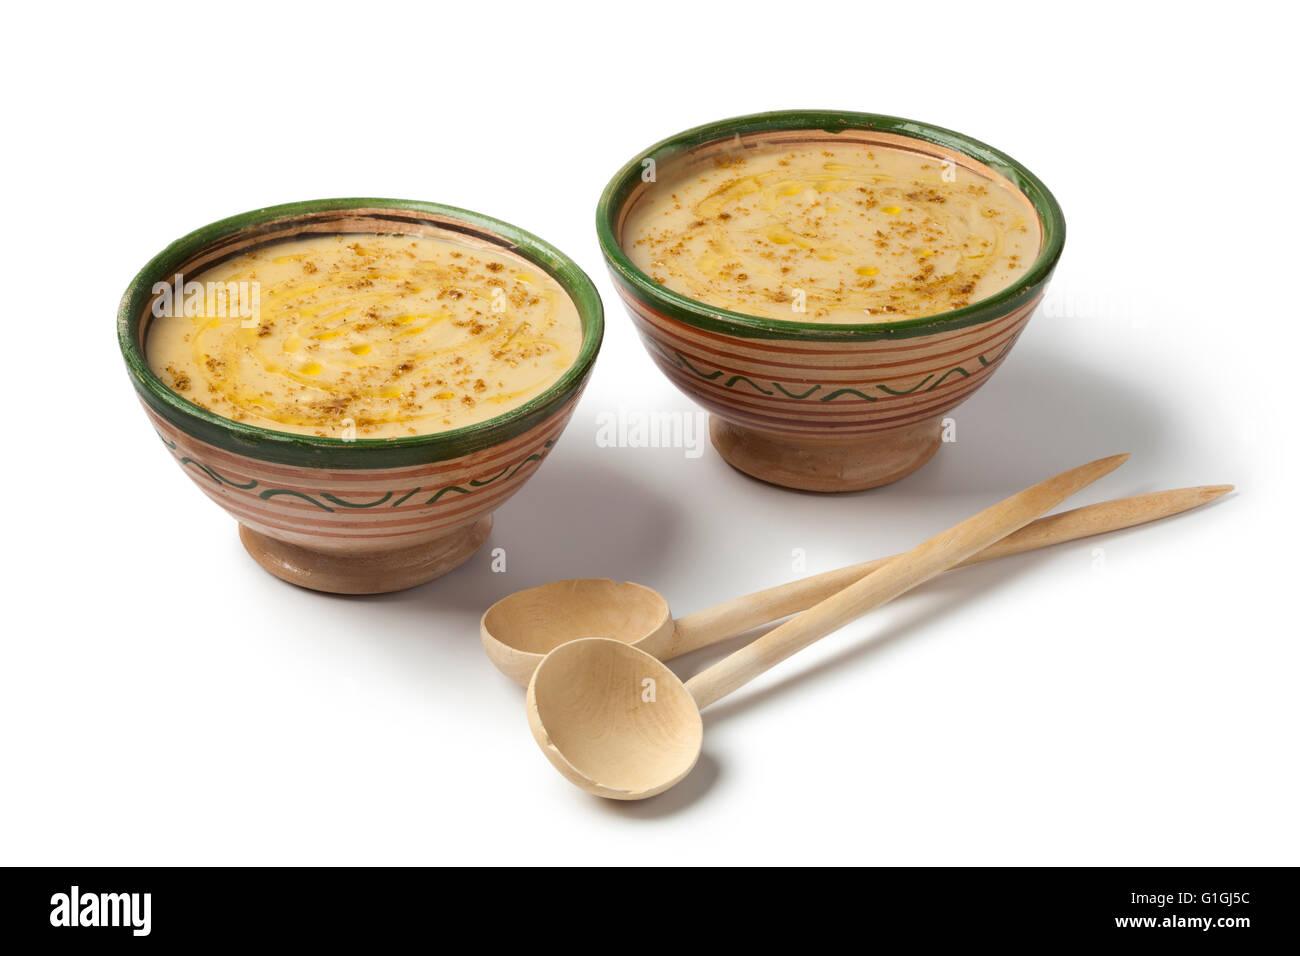 Bocce con marocchino bessara zuppa, olio d'oliva e cumino su sfondo bianco Immagini Stock